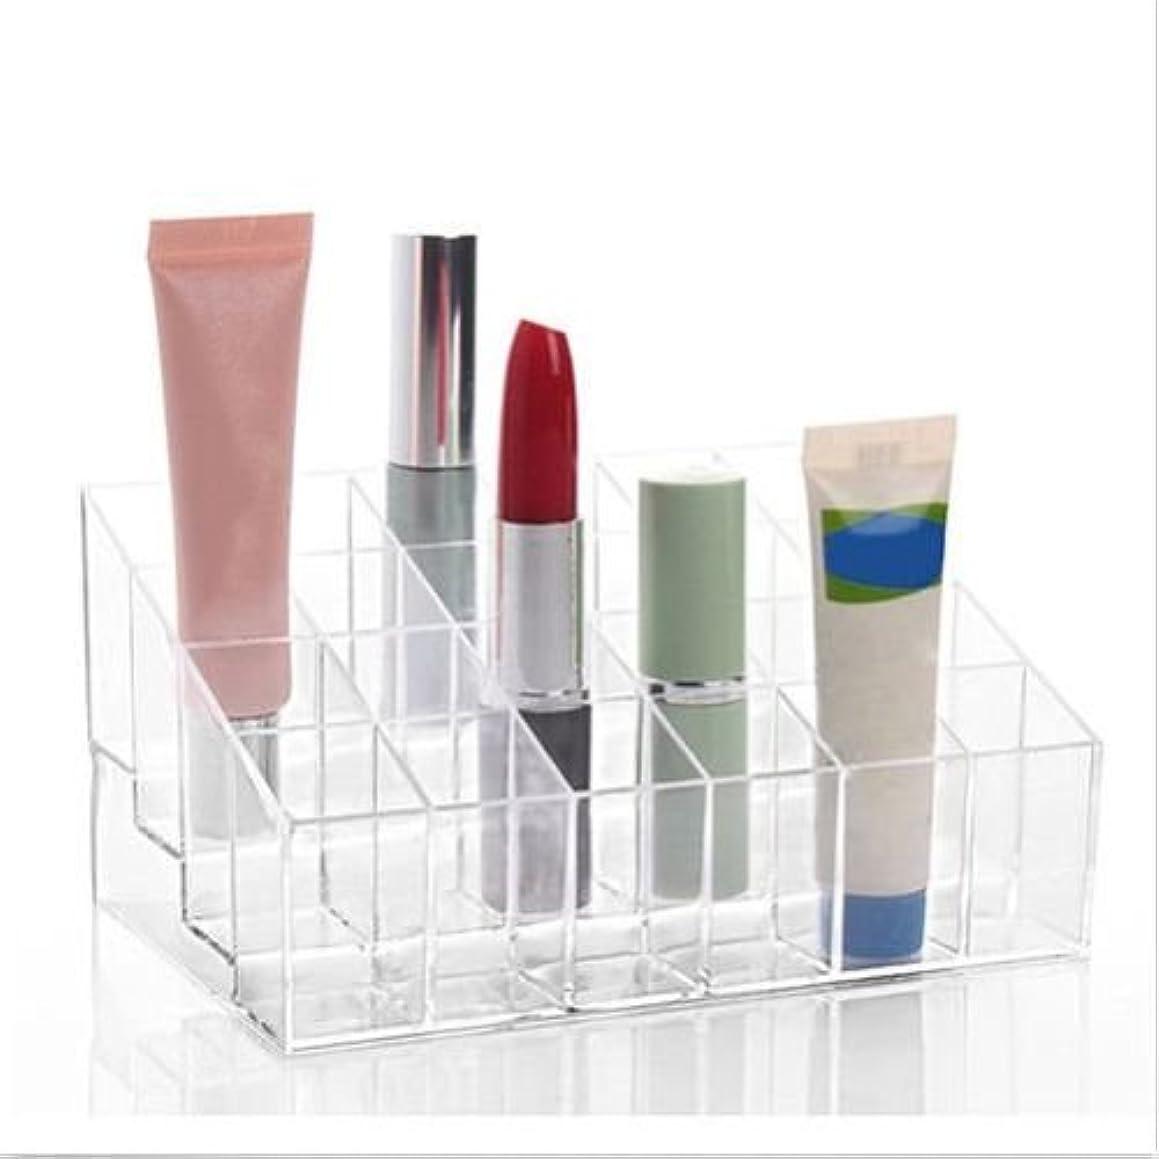 雇う体系的に突進BEE&BLUE 洗面所 化粧品 メイク 小物 収納 ボックス 収納スタンド コスメ 化粧品 口紅 香水 24 アクリルボックス 透明